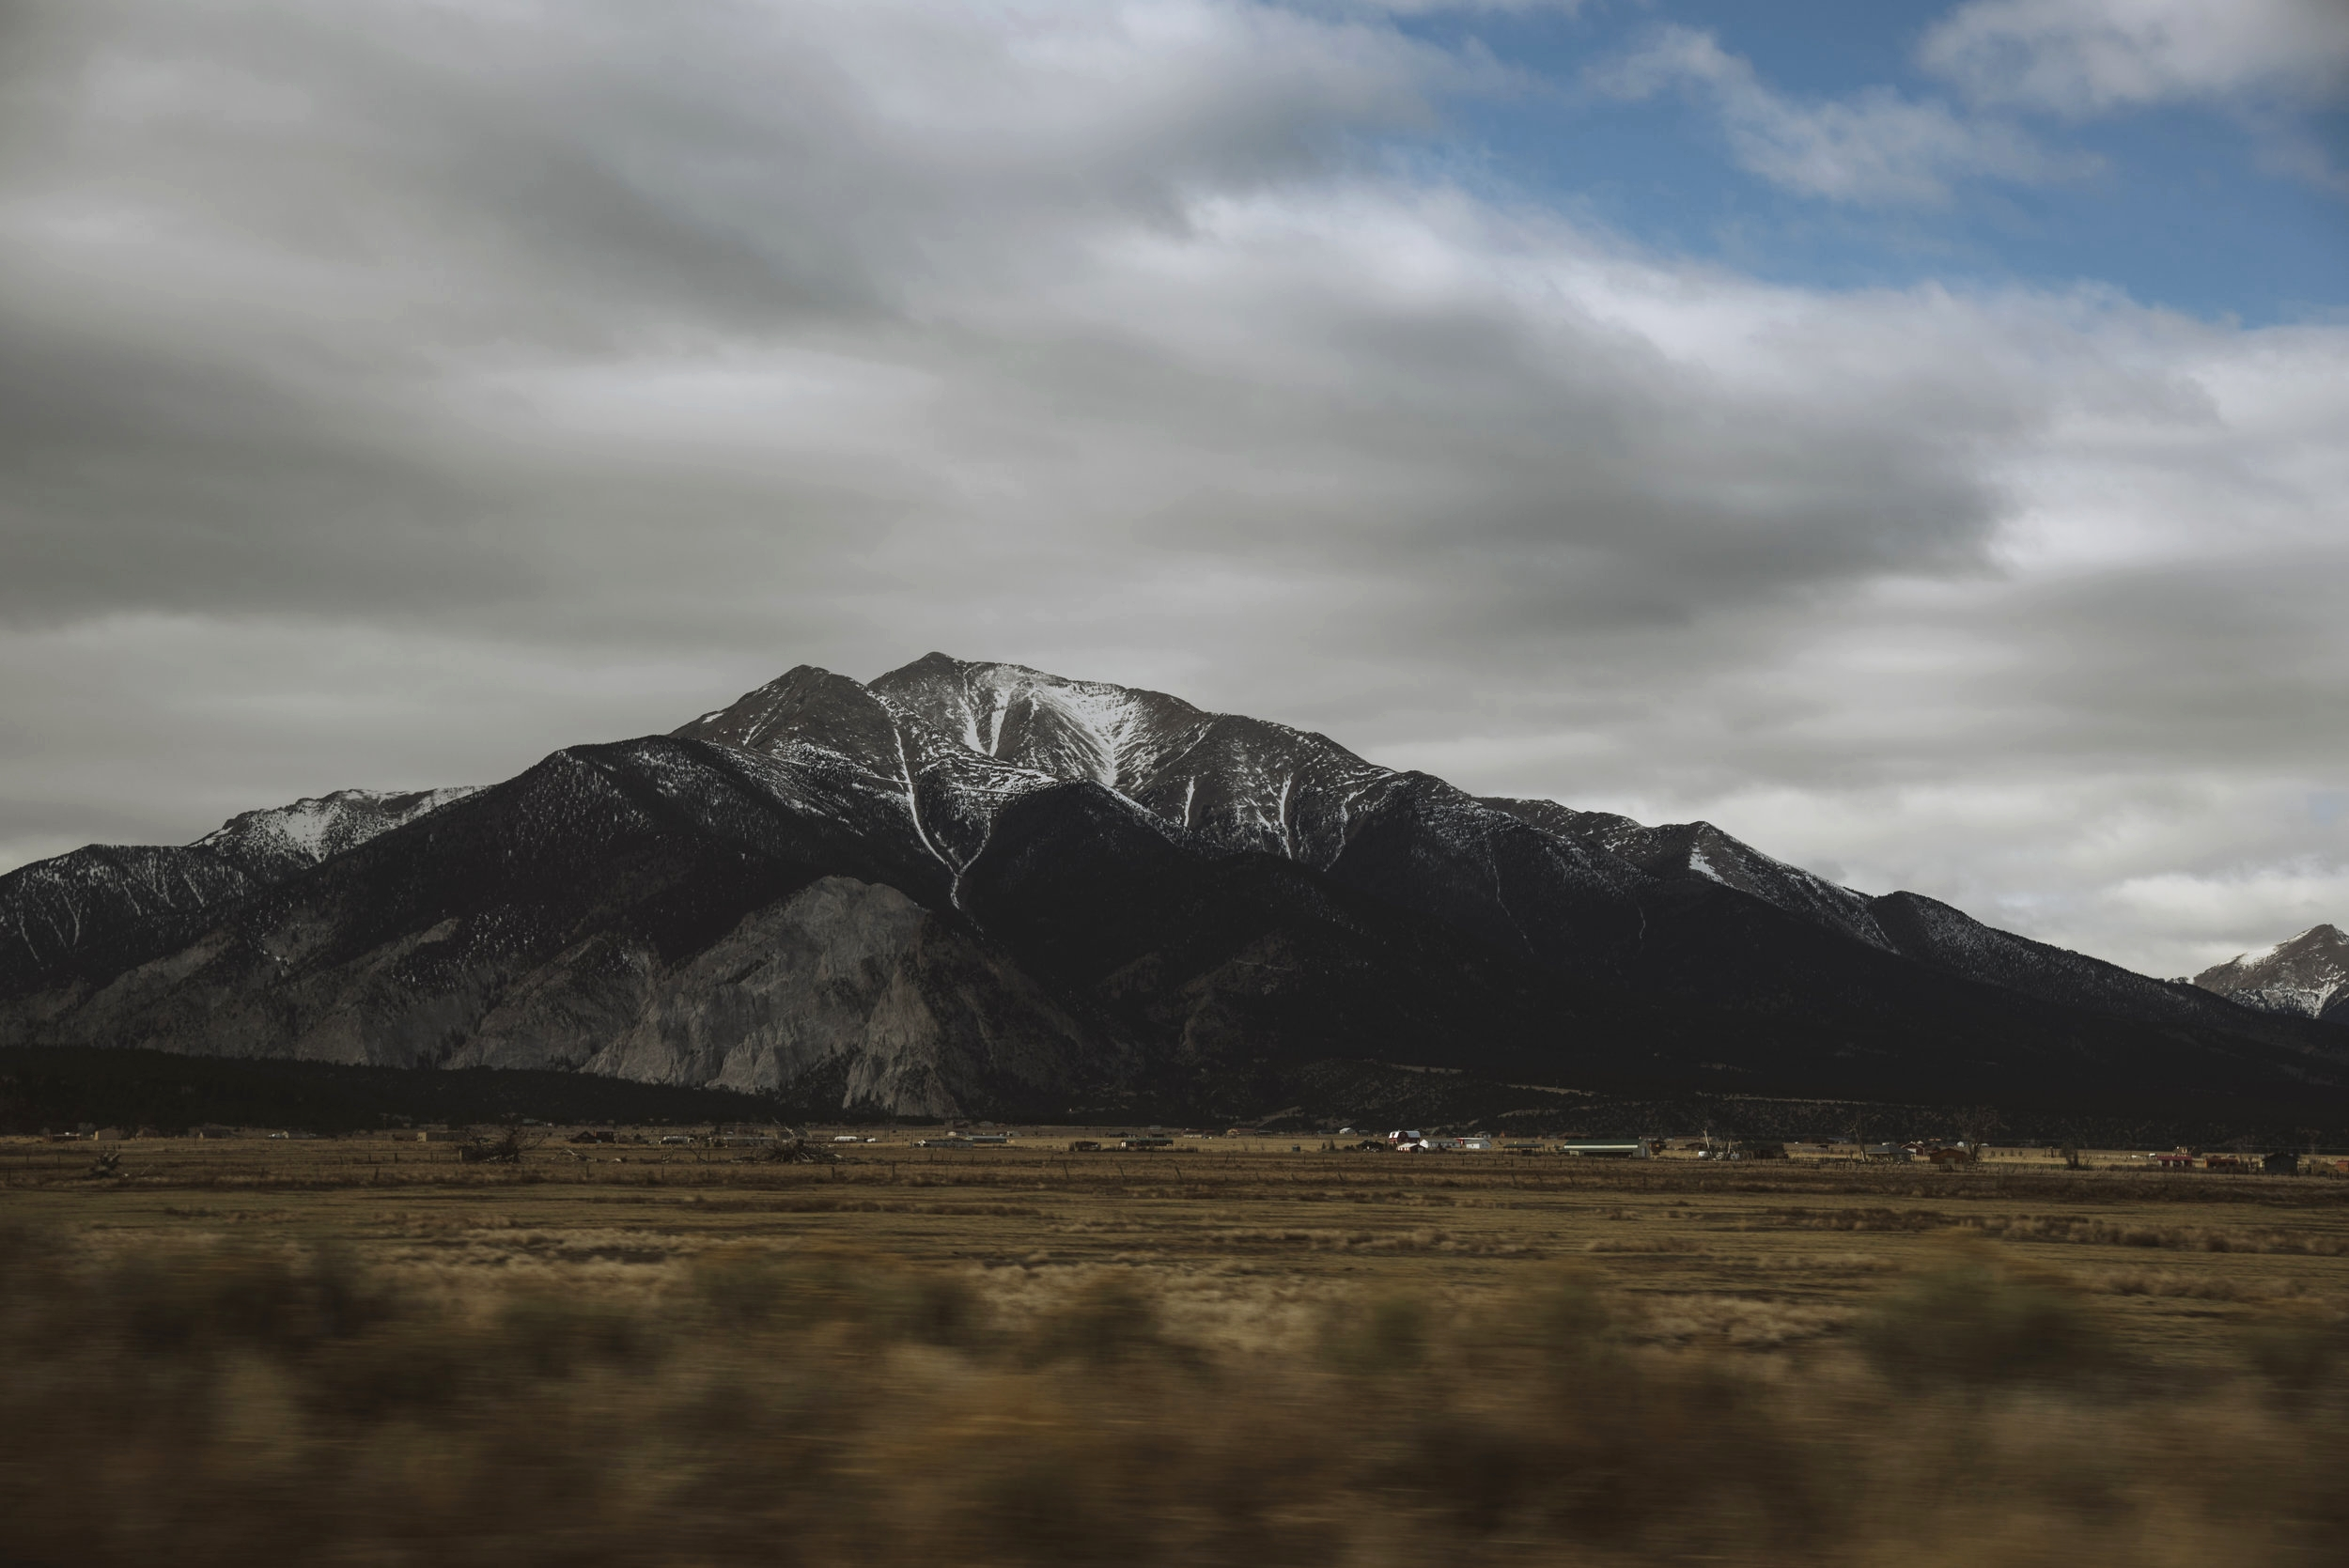 Colorado - December, 2017